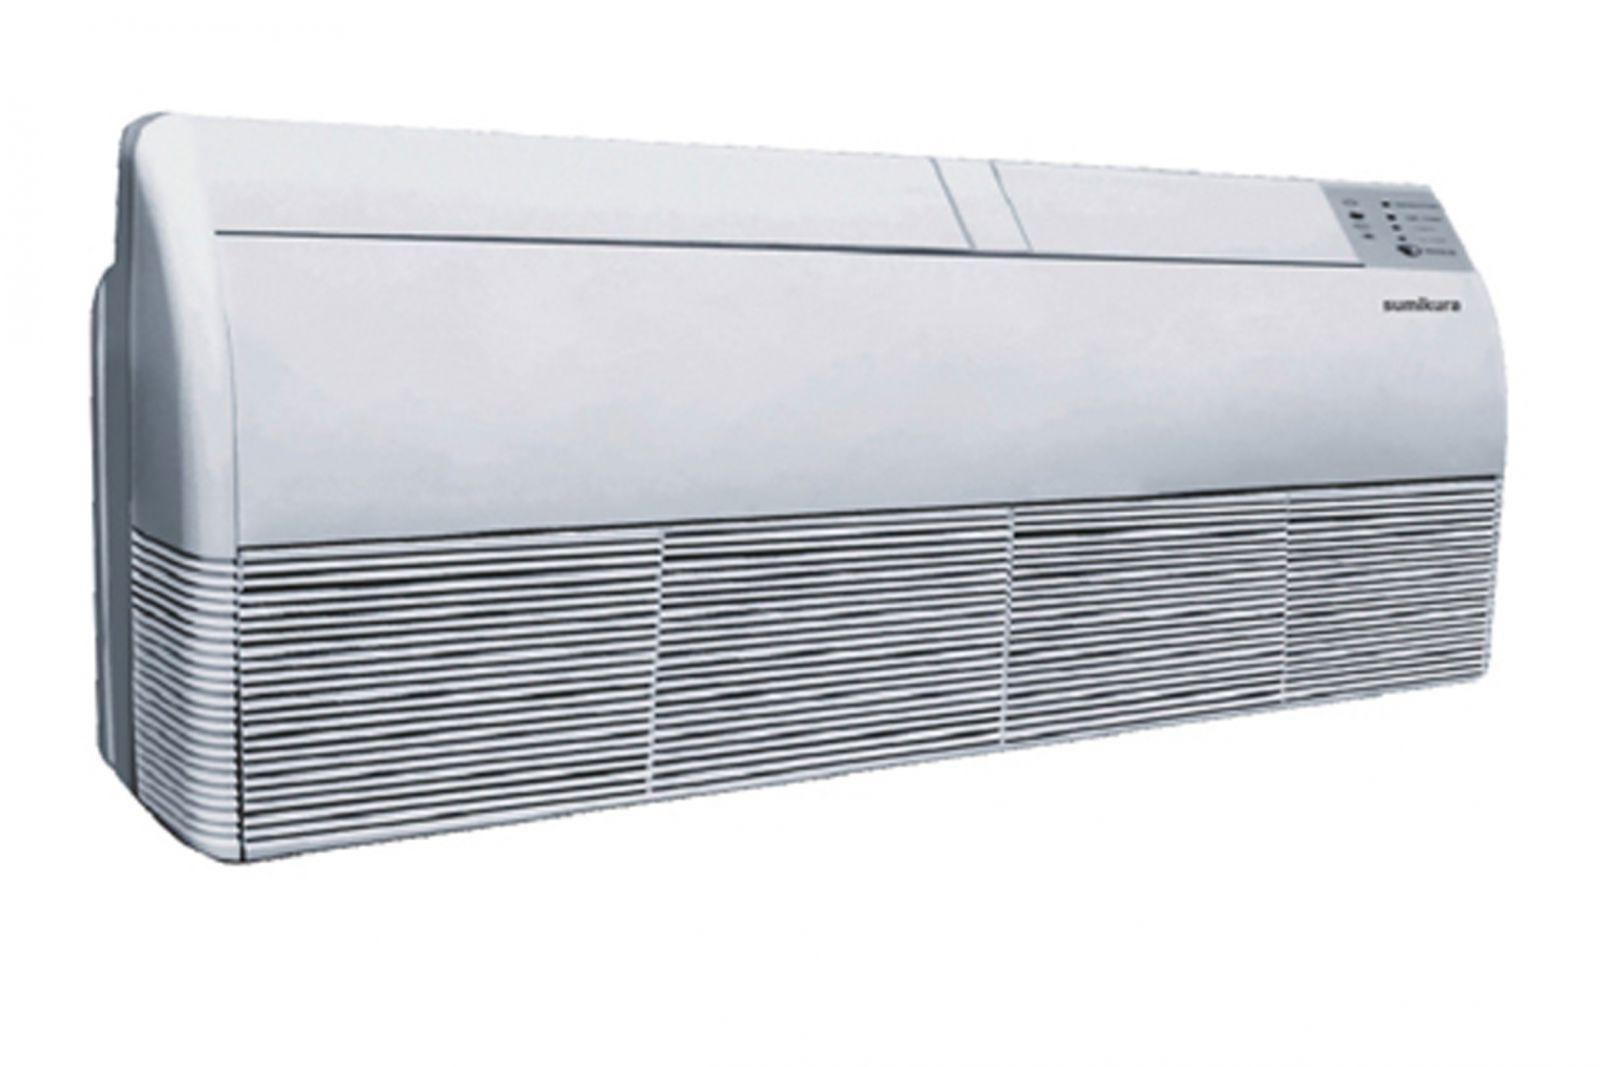 cửa hàng hỗ trợ, kiểu dáng, lắp đặt máy lạnh áp trần Sumikura uy tín số một